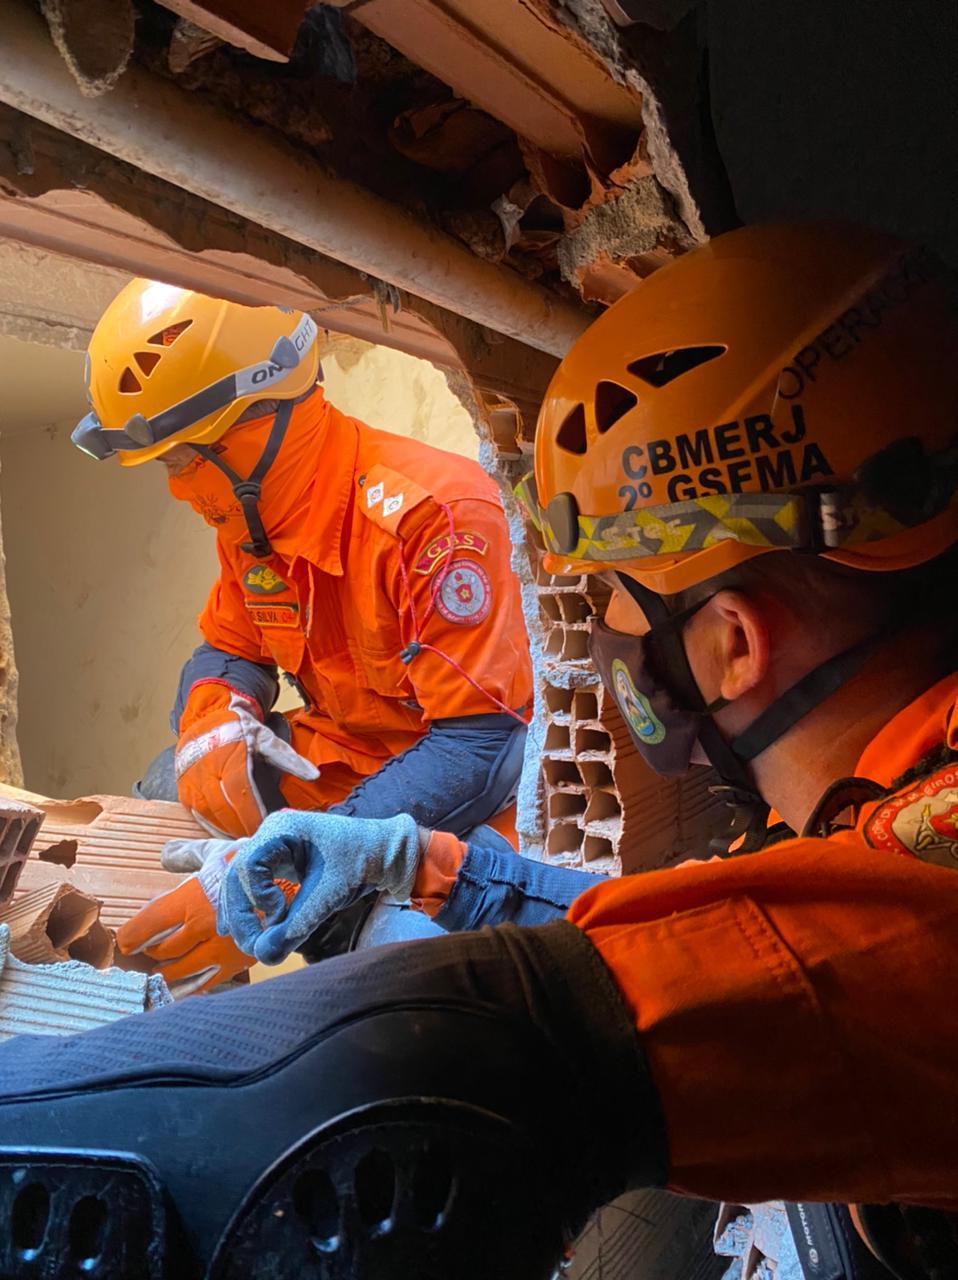 Os bombeiros trabalham incansavelmente para retirar essas pessoas dos escombros e salvar vidas - CBMR/Divulgação/ND